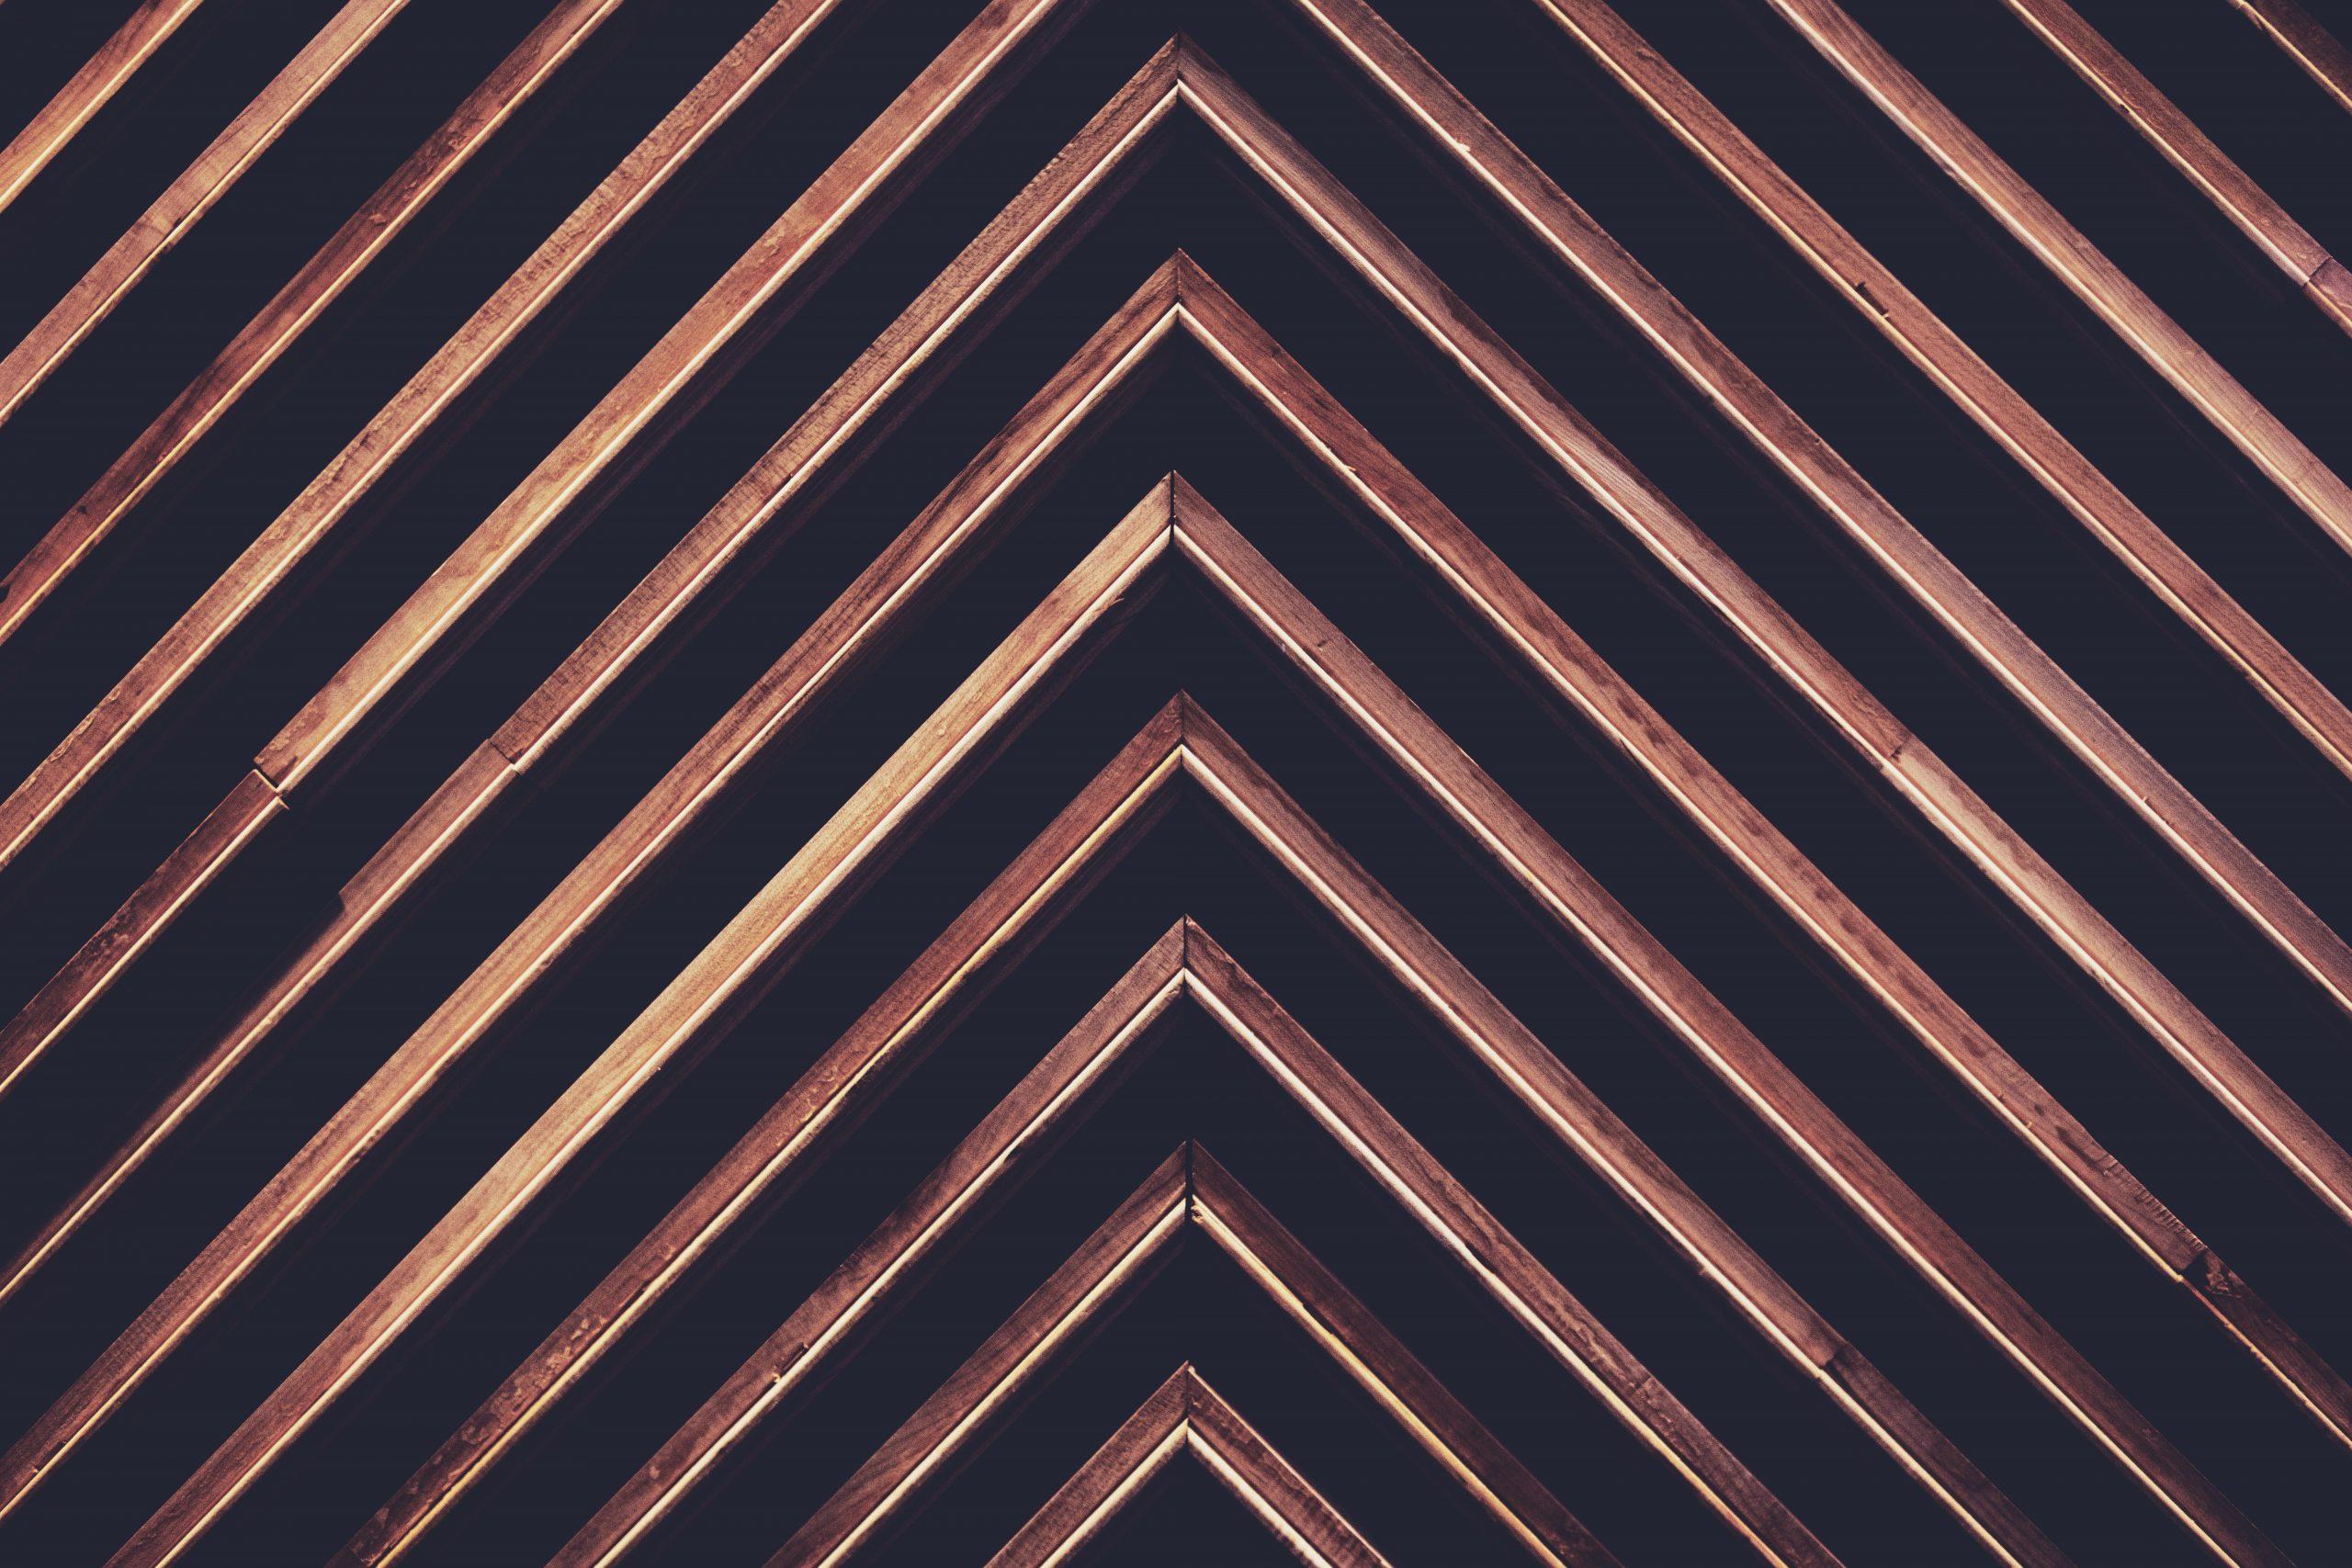 Texture Papier Peint, Symétrie, Bois, Lignes Hd: Écran Large dedans Symétrie En Ligne